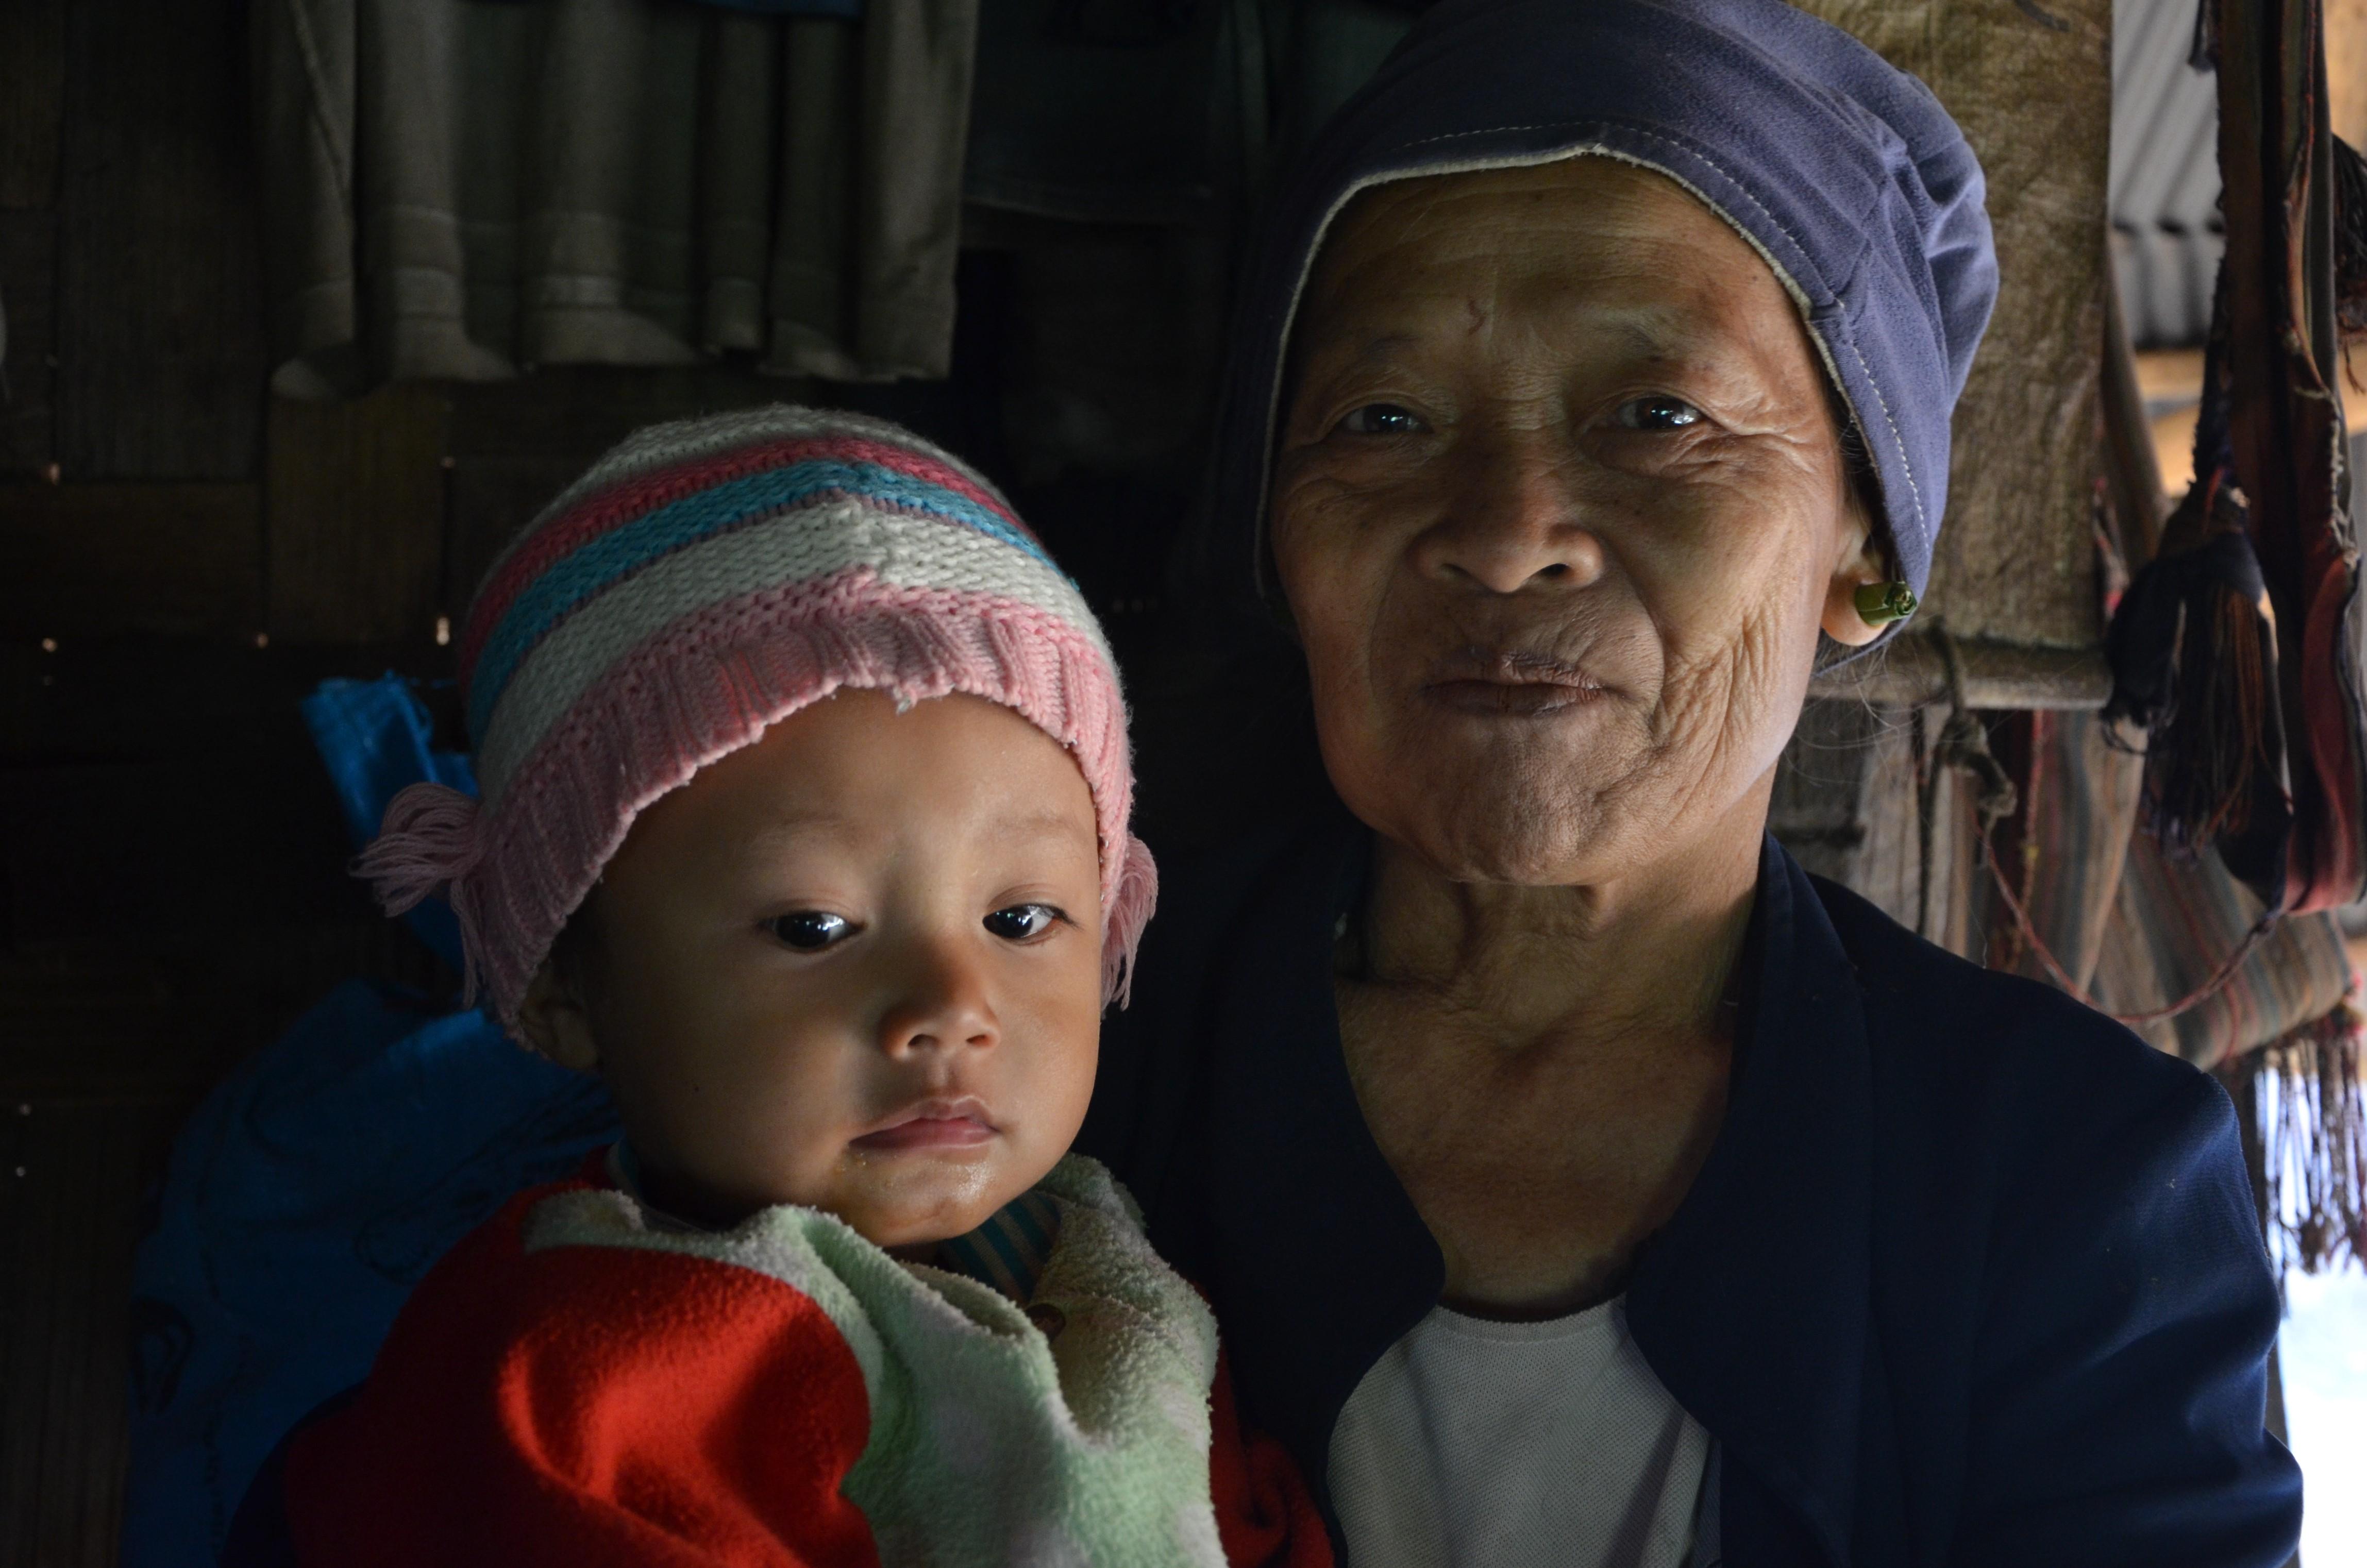 Нави и длинношеие женщины: поход в таиландские джунгли Нави и длинношеие женщины: поход в таиландские джунгли DSC 0846